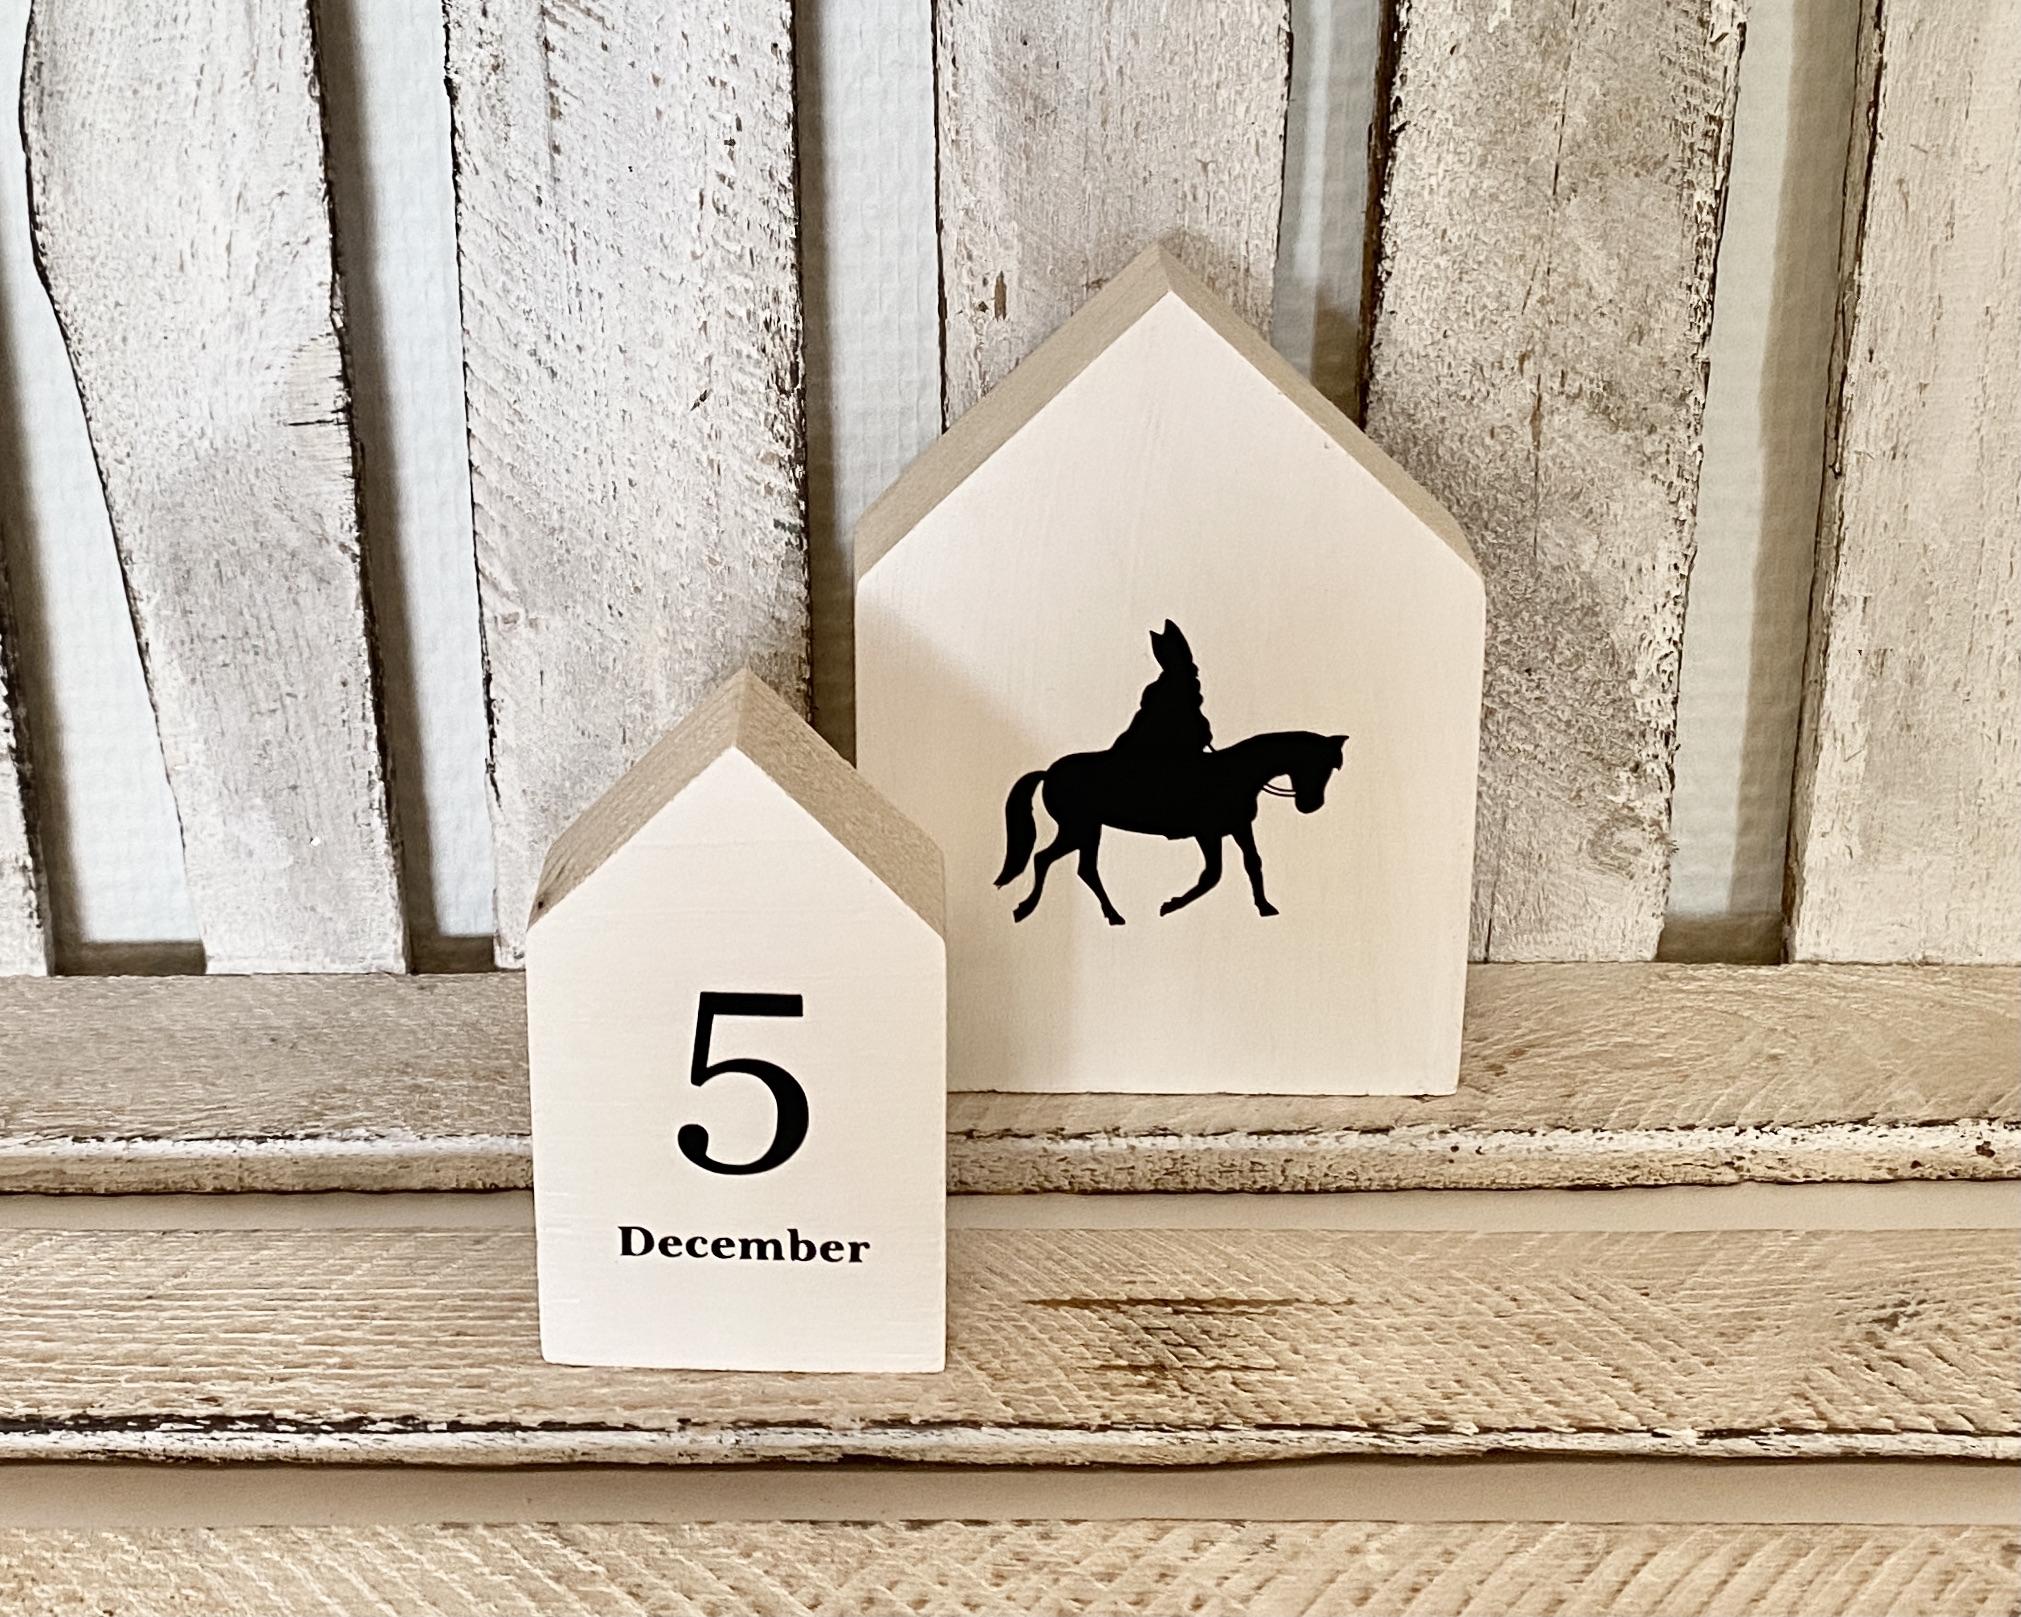 Houten huisjes Sint en 5 december (wit)